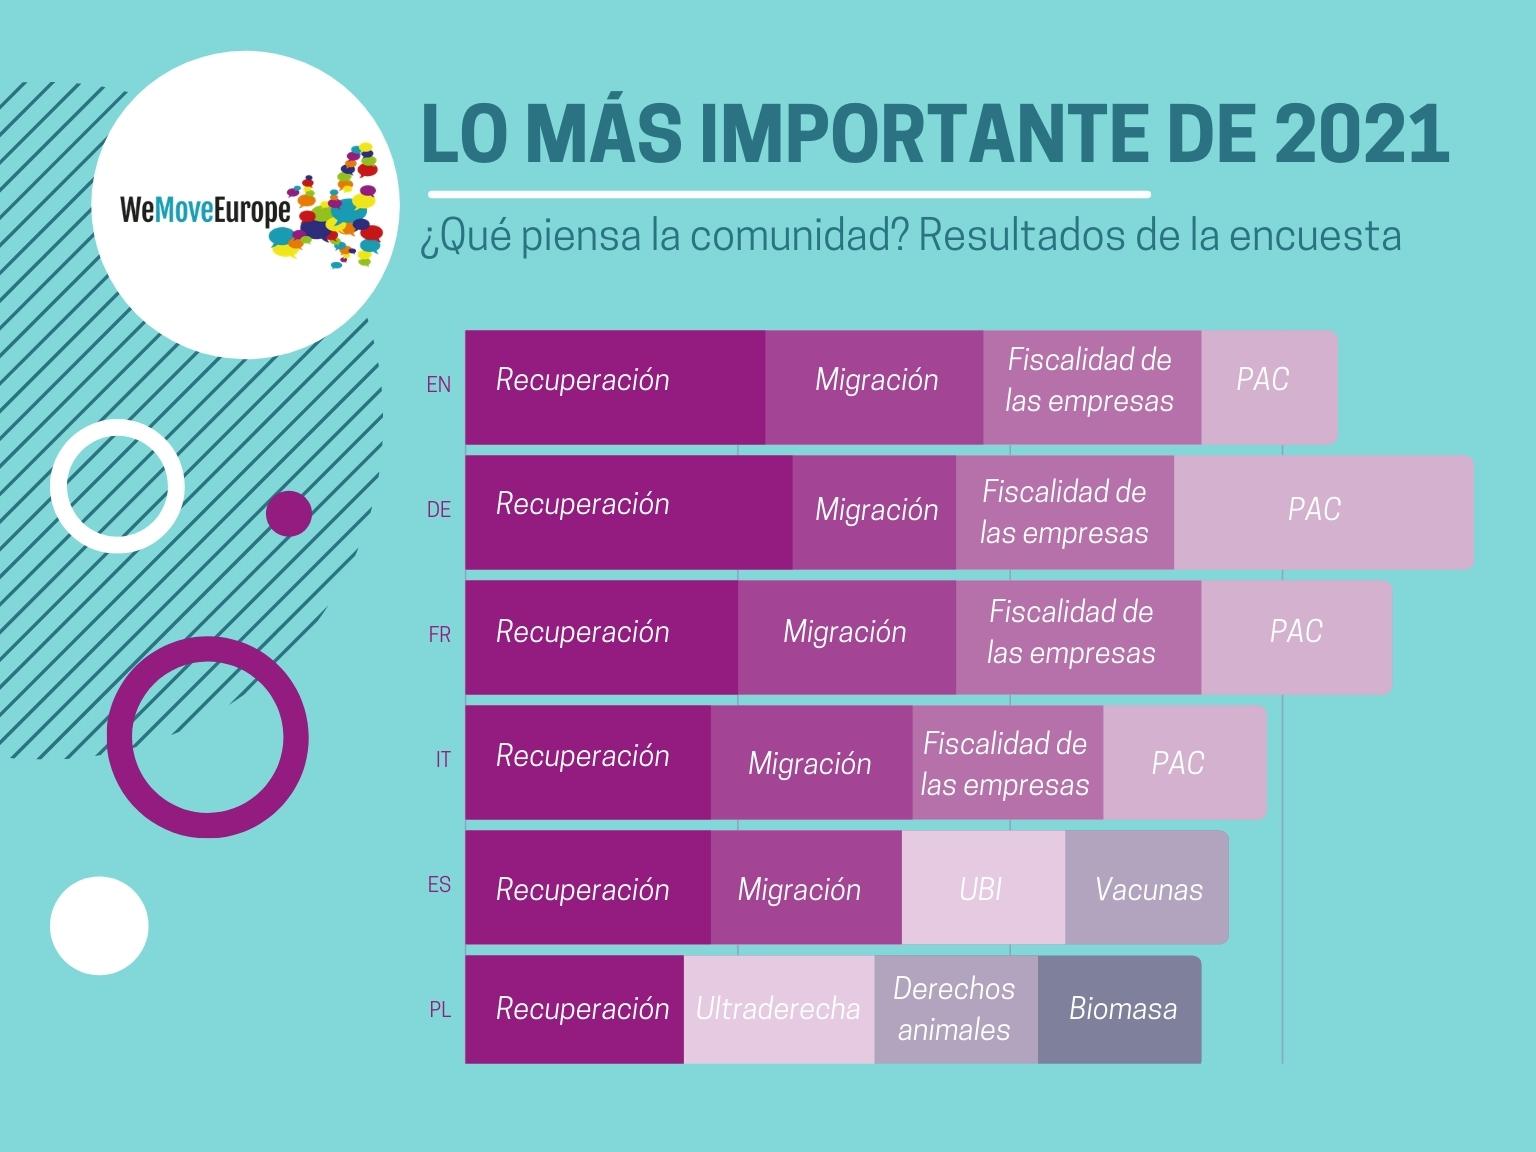 La imagen muestra un extracto de los resultados de la encuesta a la comunidad de Movemos Europa en enero de 2021; se detallan en el cuerpo del mensaje.